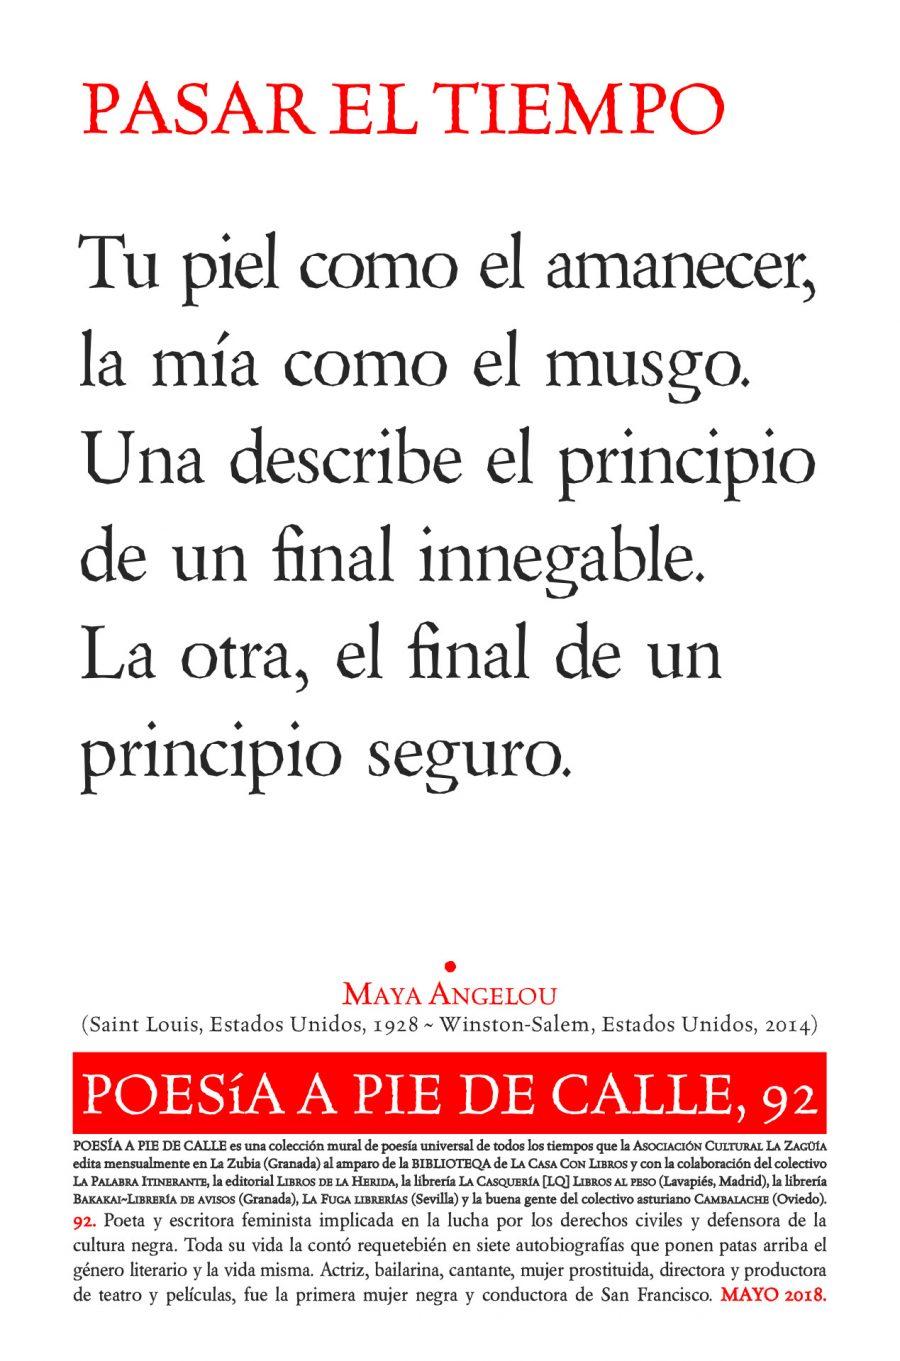 POESÍA A PIE DE CALLE, 92: PASAR EL TIEMPO, DE MAYA ANGELOU